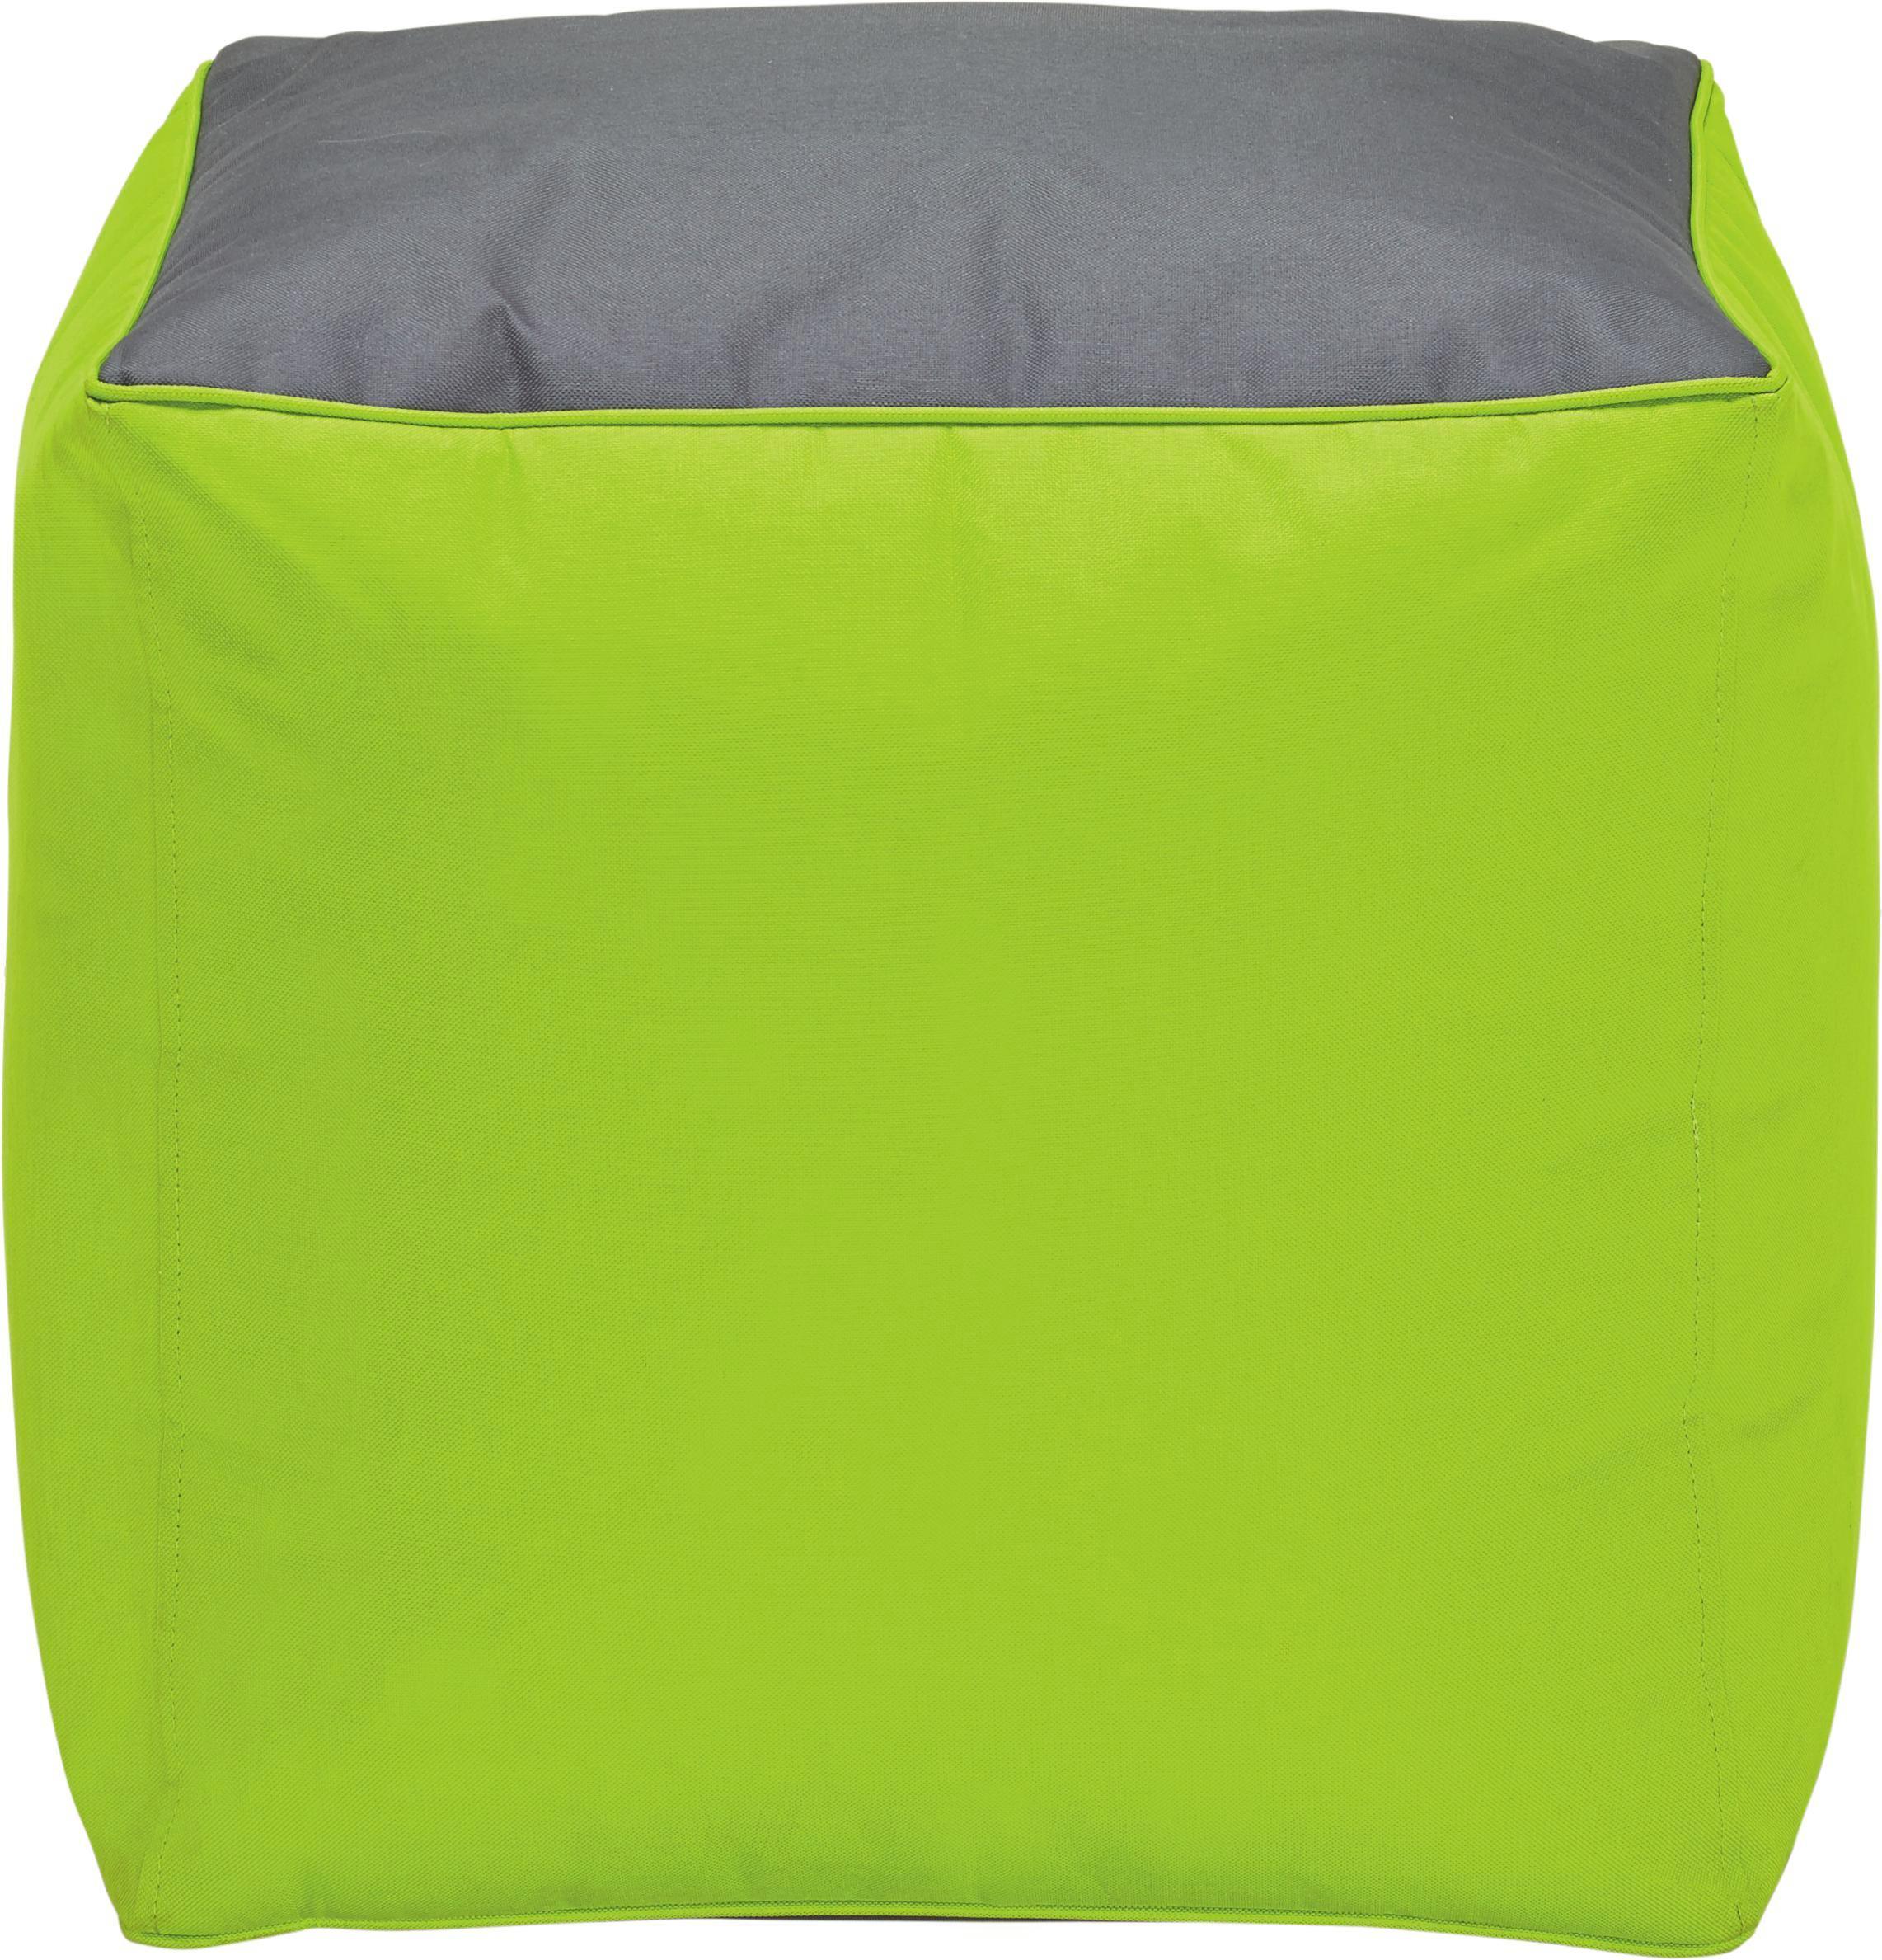 Taburet Cortona - zelená/antracitová, textil (40/40/40cm)